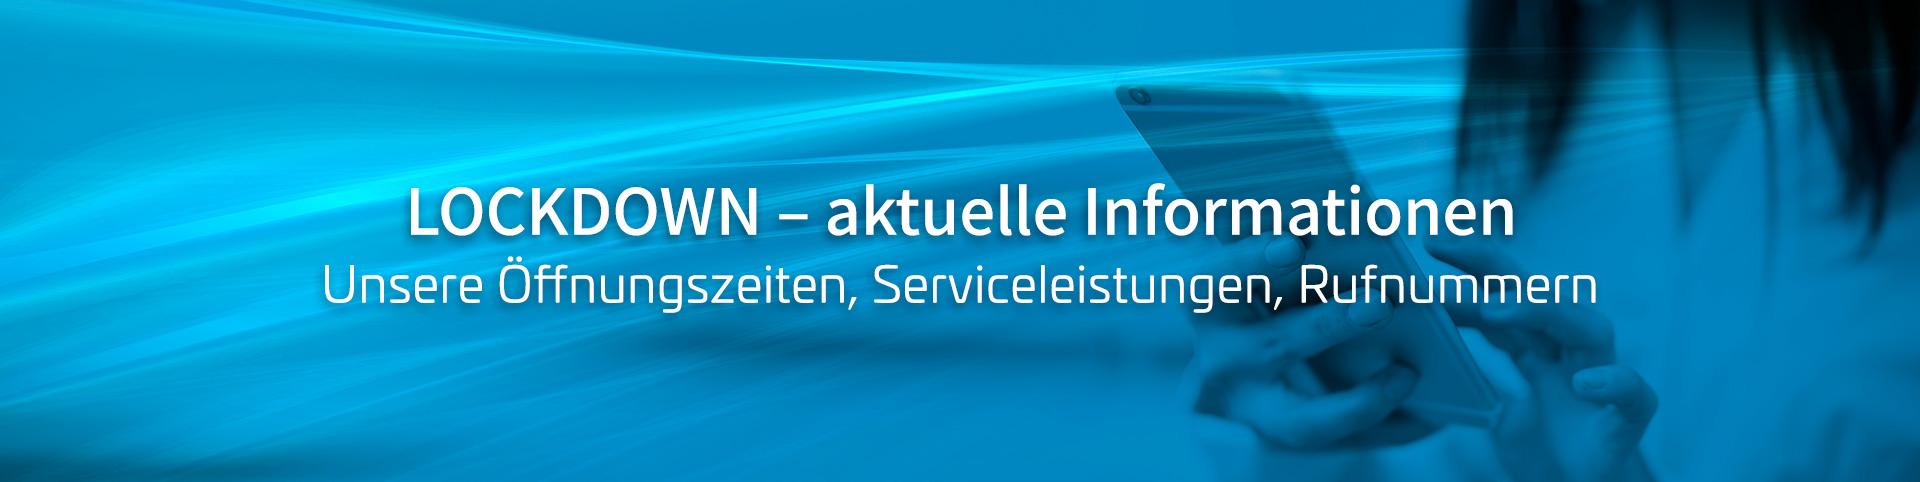 Lockdown – aktuelle Information über unsere Öffnungszeiten, Serviceleistungen, Rufnummern